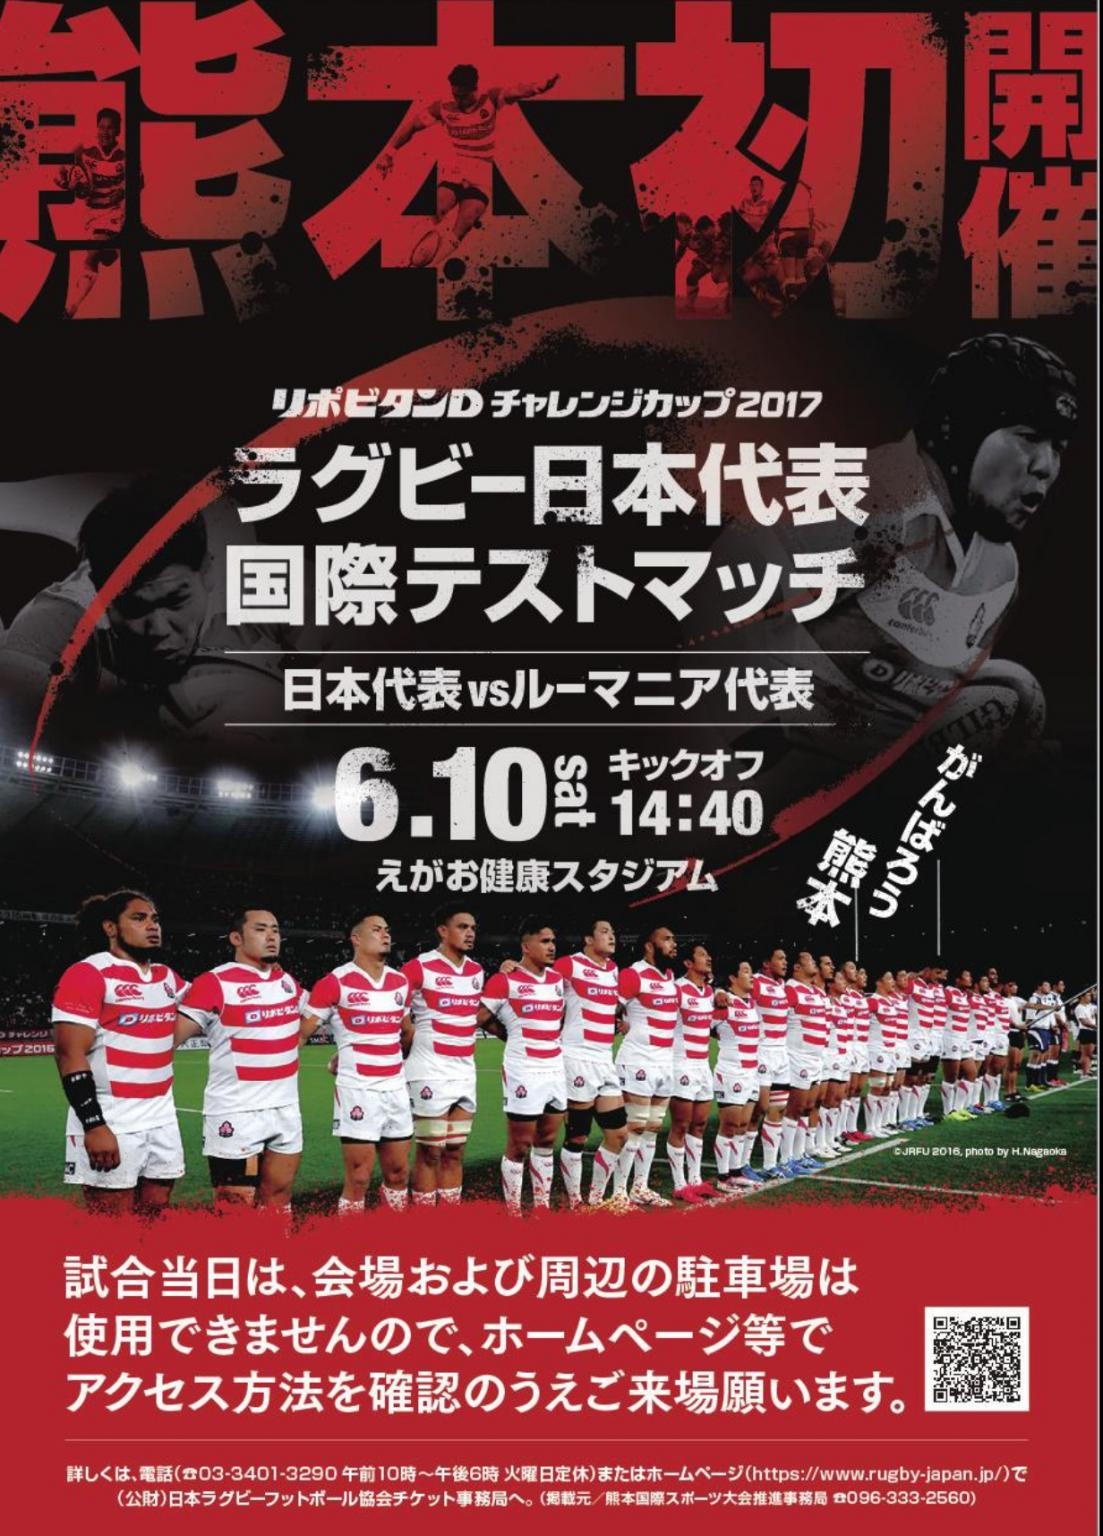 ラグビー 日本 キックオフ